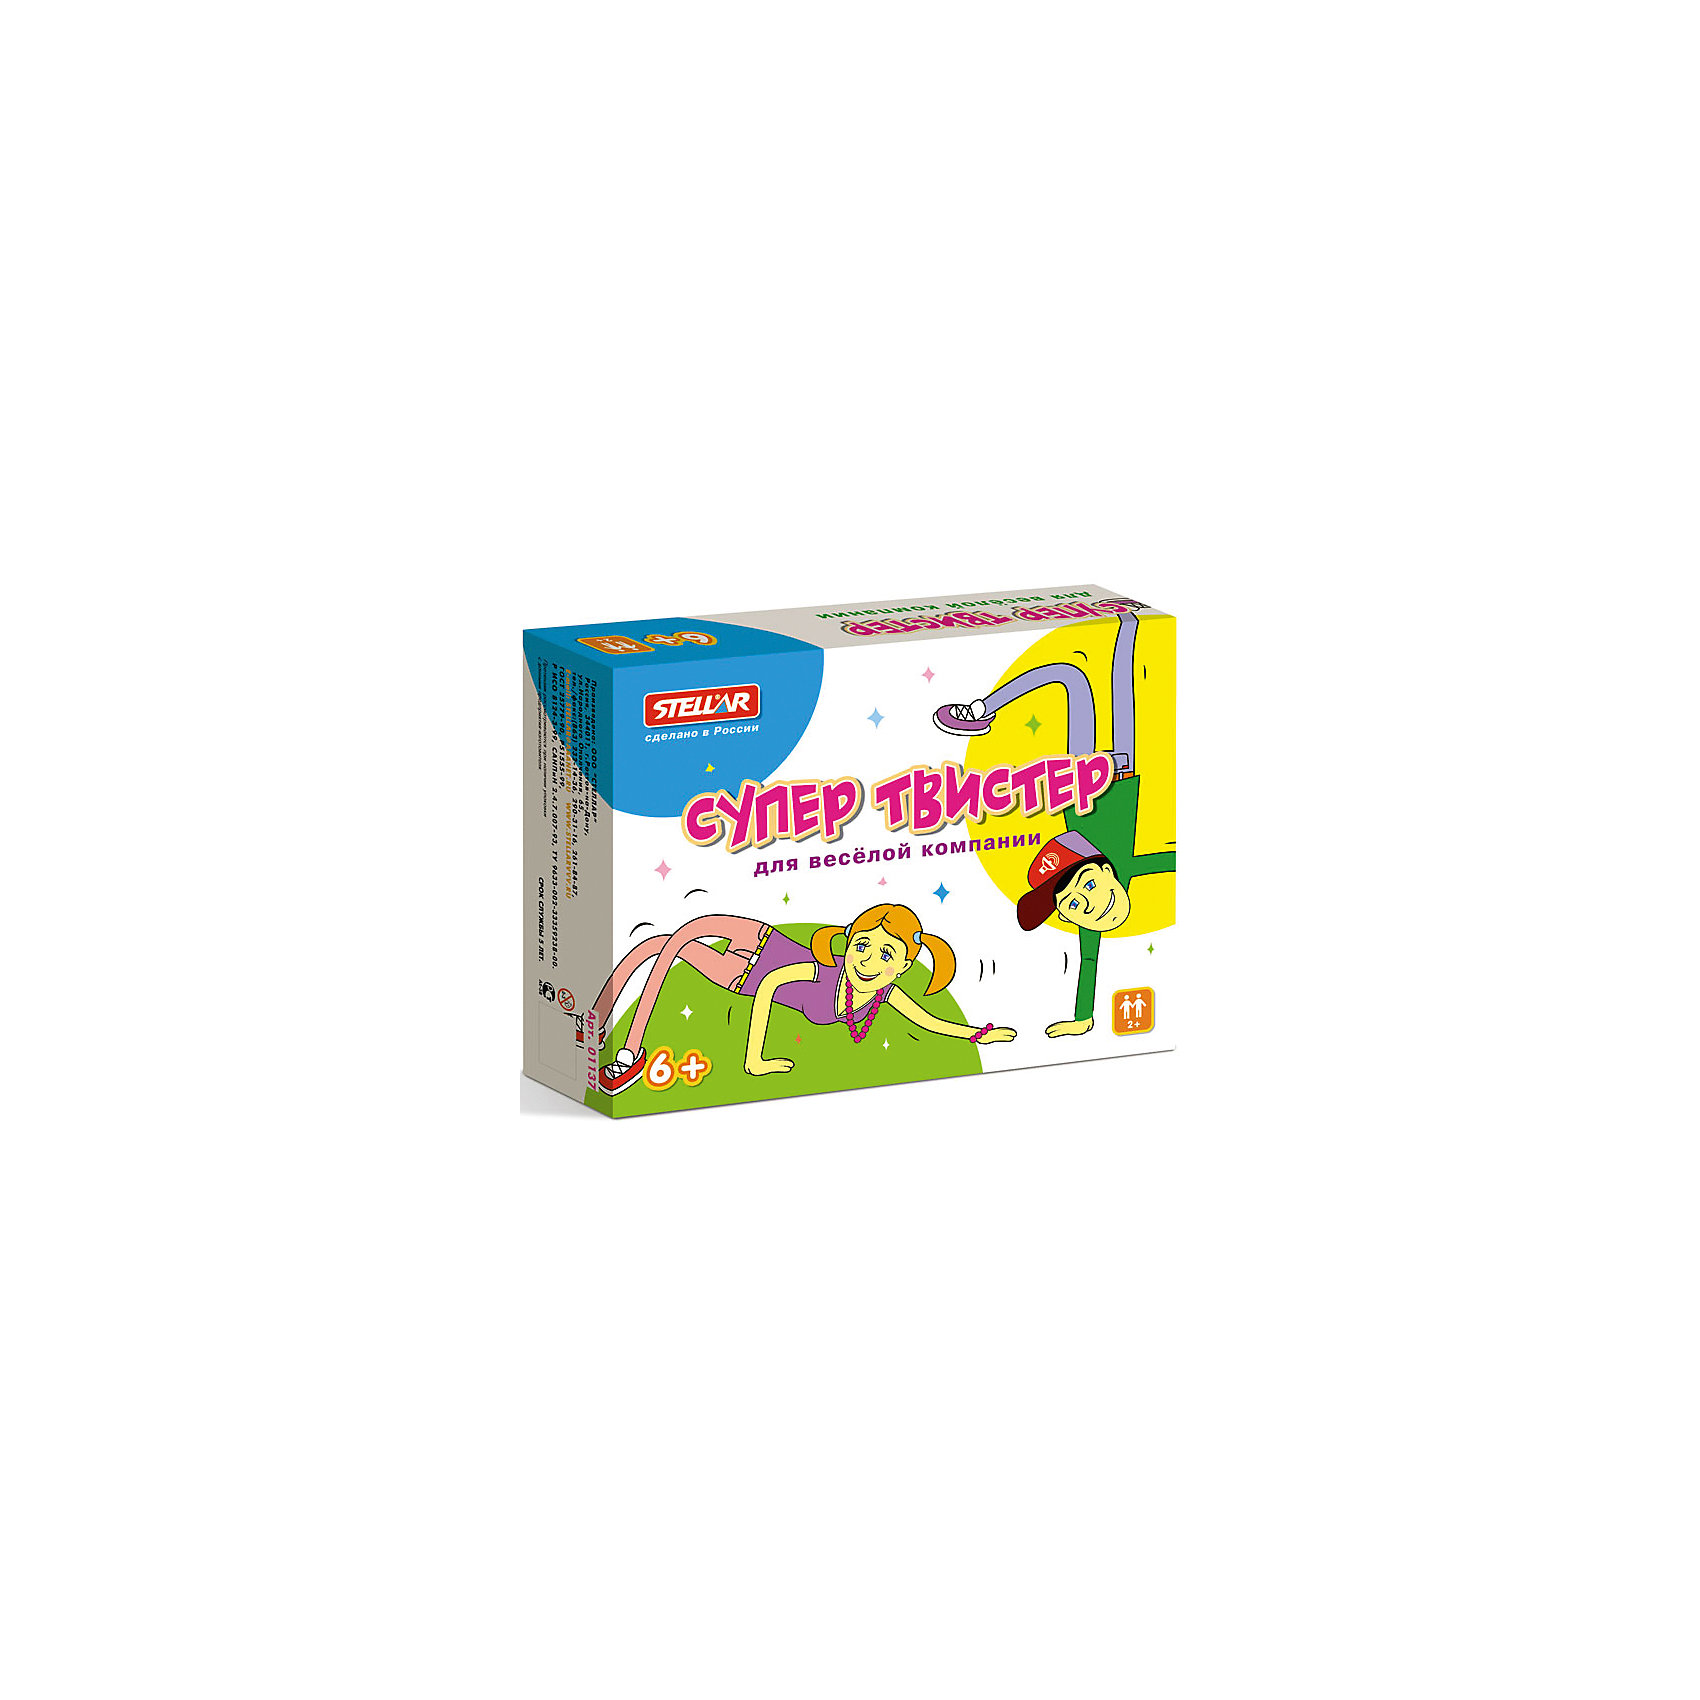 Настольная игра Супер Твистер, Стеллар-МТоп игр<br>Характеристики товара:<br><br>• возраст: от 6 лет;<br>• материал: картон;<br>• количество игроков: от 2 человек;<br>• в комплекте: коврик, рулетка;<br>• размер коврика: 121х177 см;<br>• размер упаковки: 28х22х5,5 см;<br>• вес упаковки: 460 гр.;<br>• страна производитель: Россия.<br><br>Настольная игра «Супер Твистер» Стеллар-М — популярная и знакомая многим игра в твистер. На поле располагаются разноцветные круги. Участник крутит рулетку и ставит руку или ногу на определенную выпавшую позицию на коврике. Чем больше участников уже стоит на коврике, тем сложнее держать равновесие. Победит тот, кто не упадет.<br><br>Настольную игру «Супер Твистер» Стеллар-М можно приобрести в нашем интернет-магазине.<br><br>Ширина мм: 280<br>Глубина мм: 220<br>Высота мм: 55<br>Вес г: 460<br>Возраст от месяцев: 72<br>Возраст до месяцев: 2147483647<br>Пол: Унисекс<br>Возраст: Детский<br>SKU: 6883633